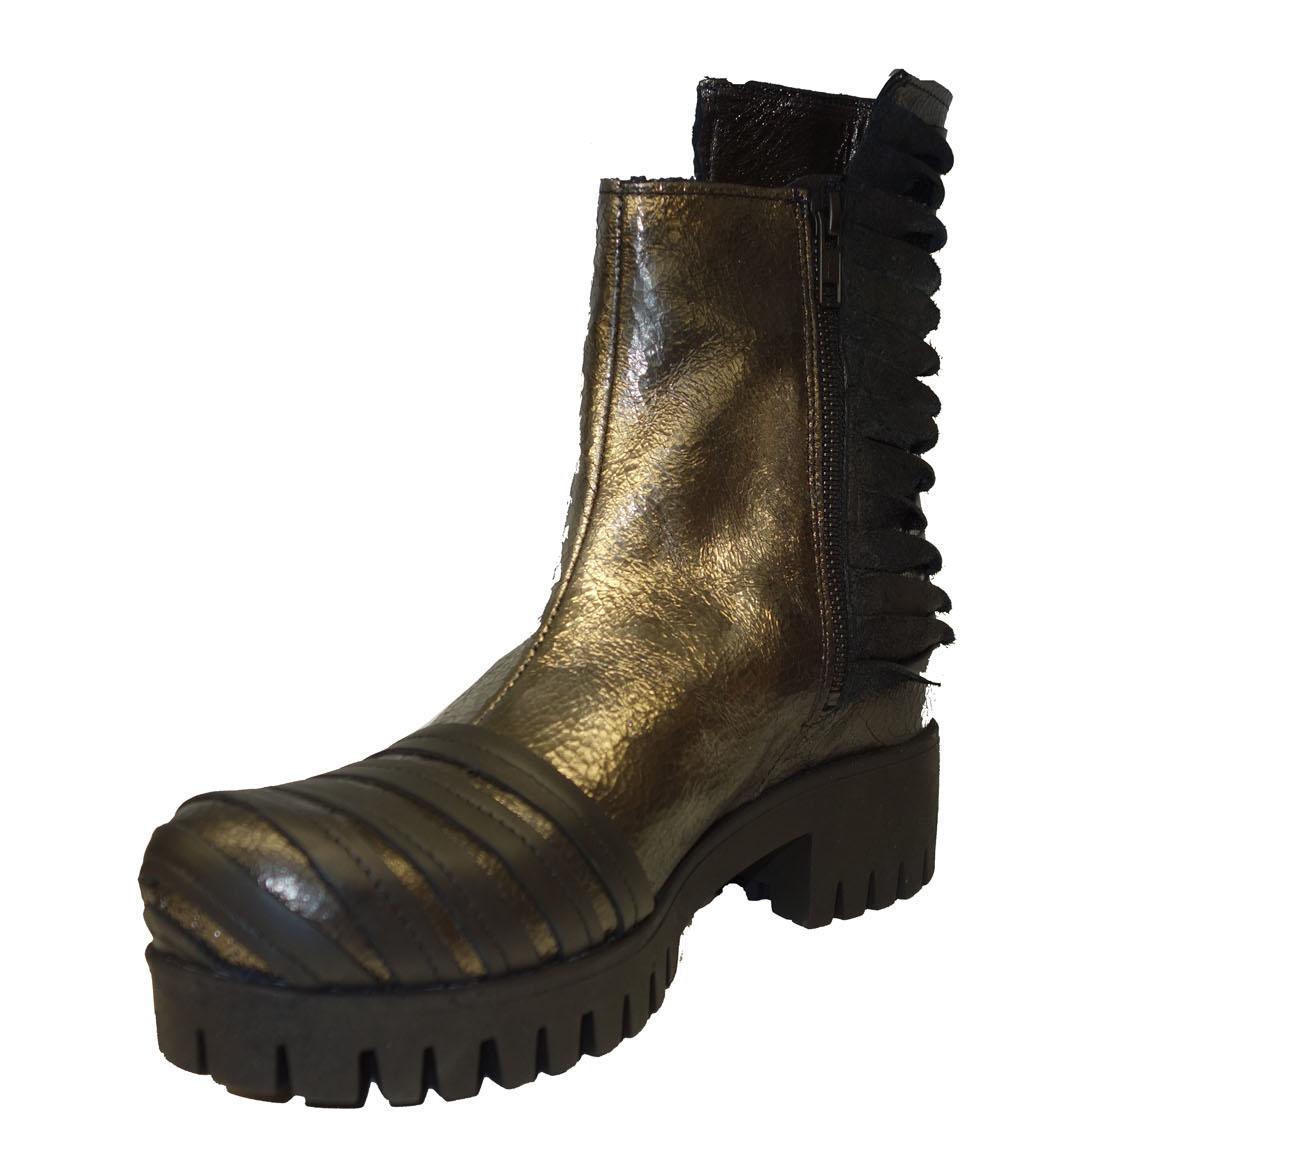 ca20617f2dafca Papucei Rudi AW18-silber Boot Stiefelette